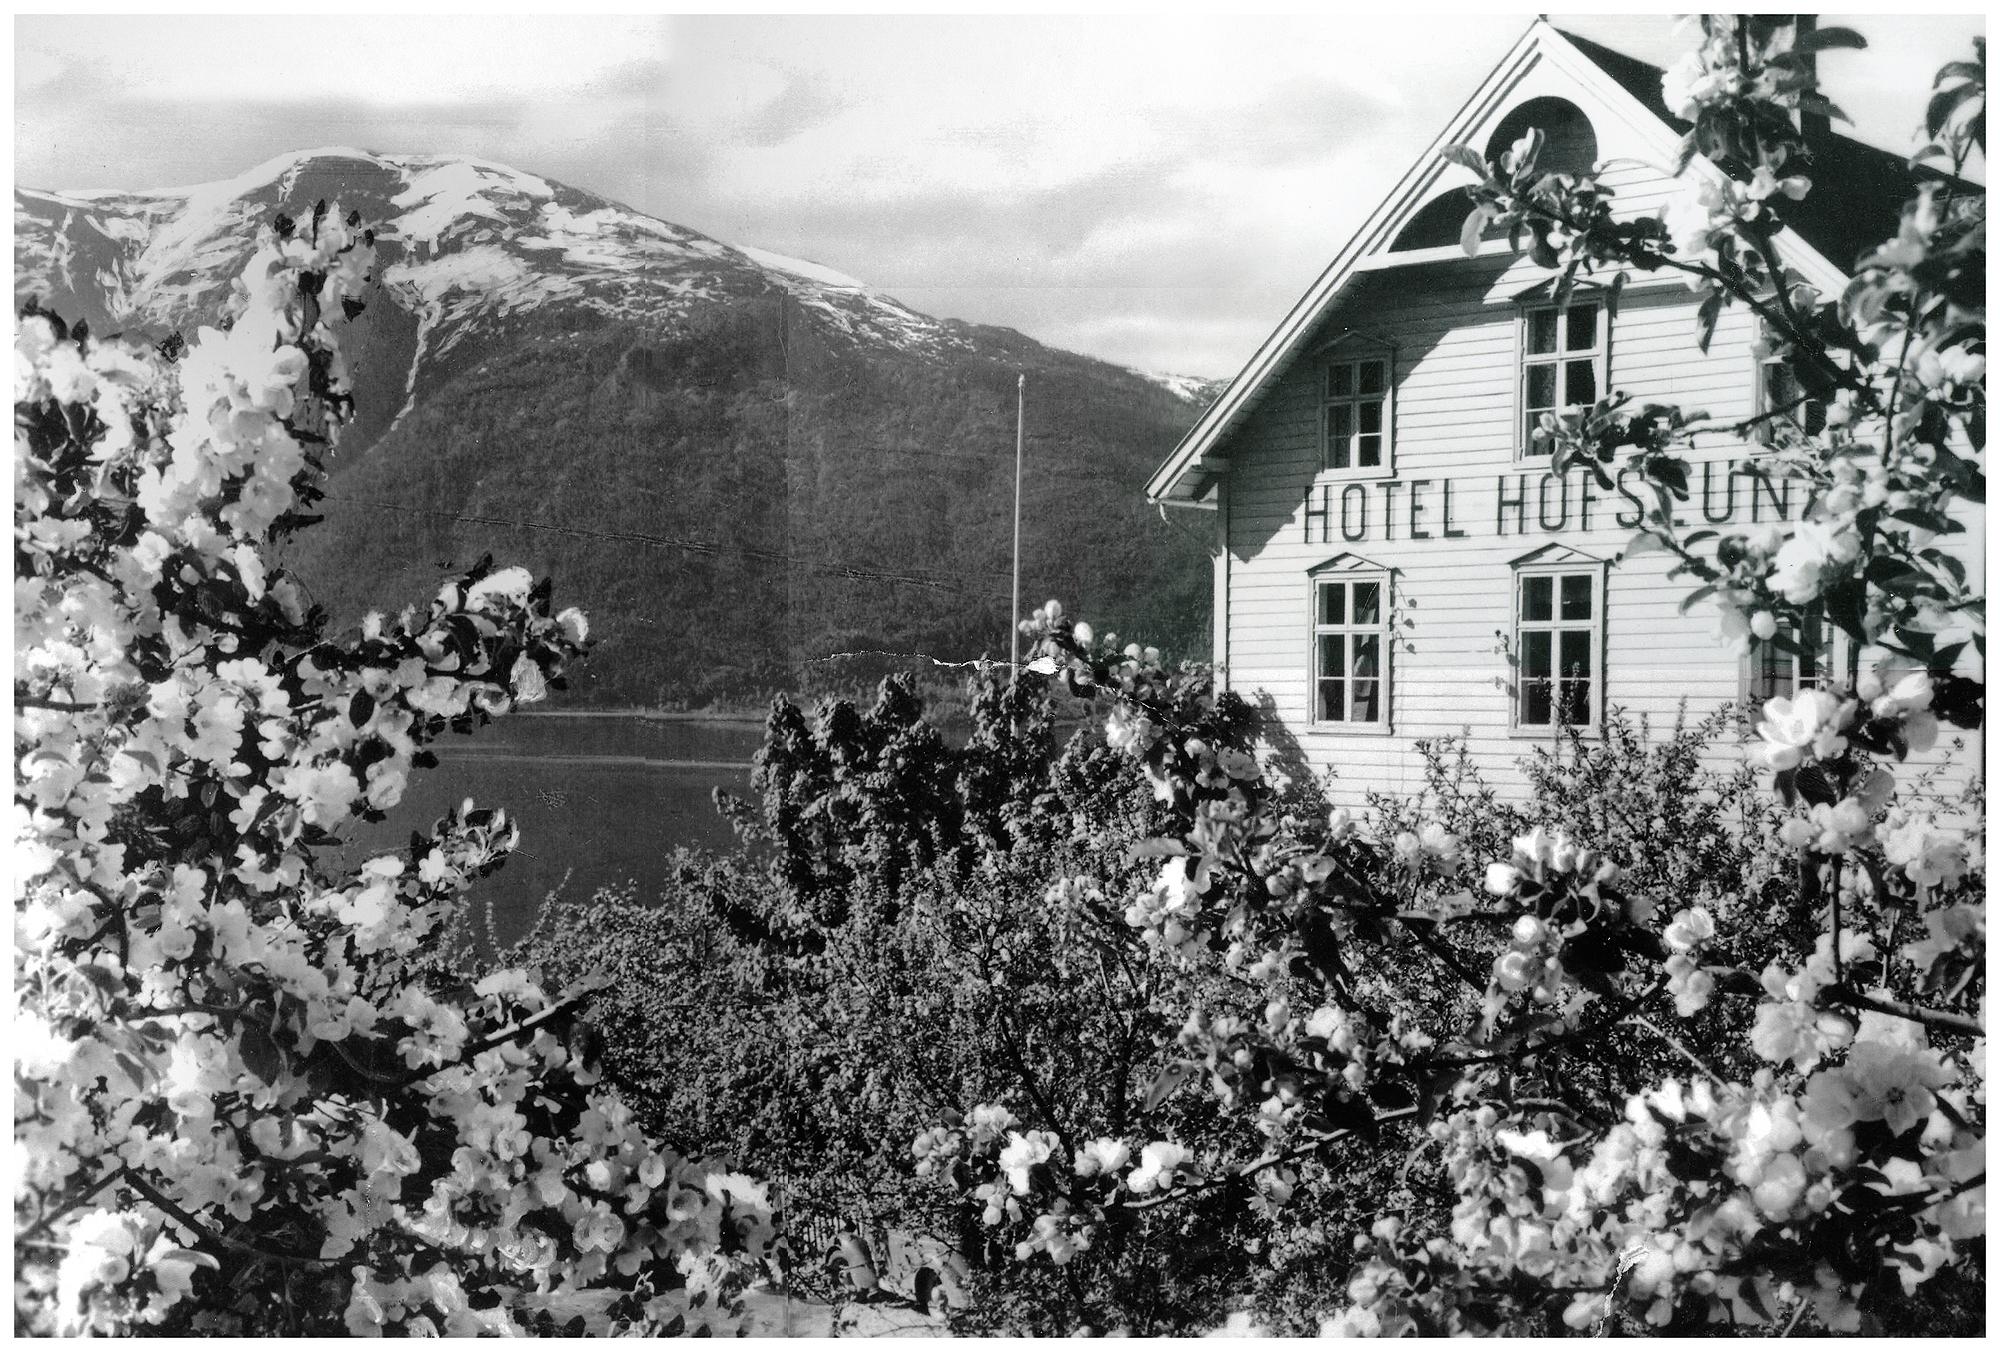 hofslund hotel historie2.jpg